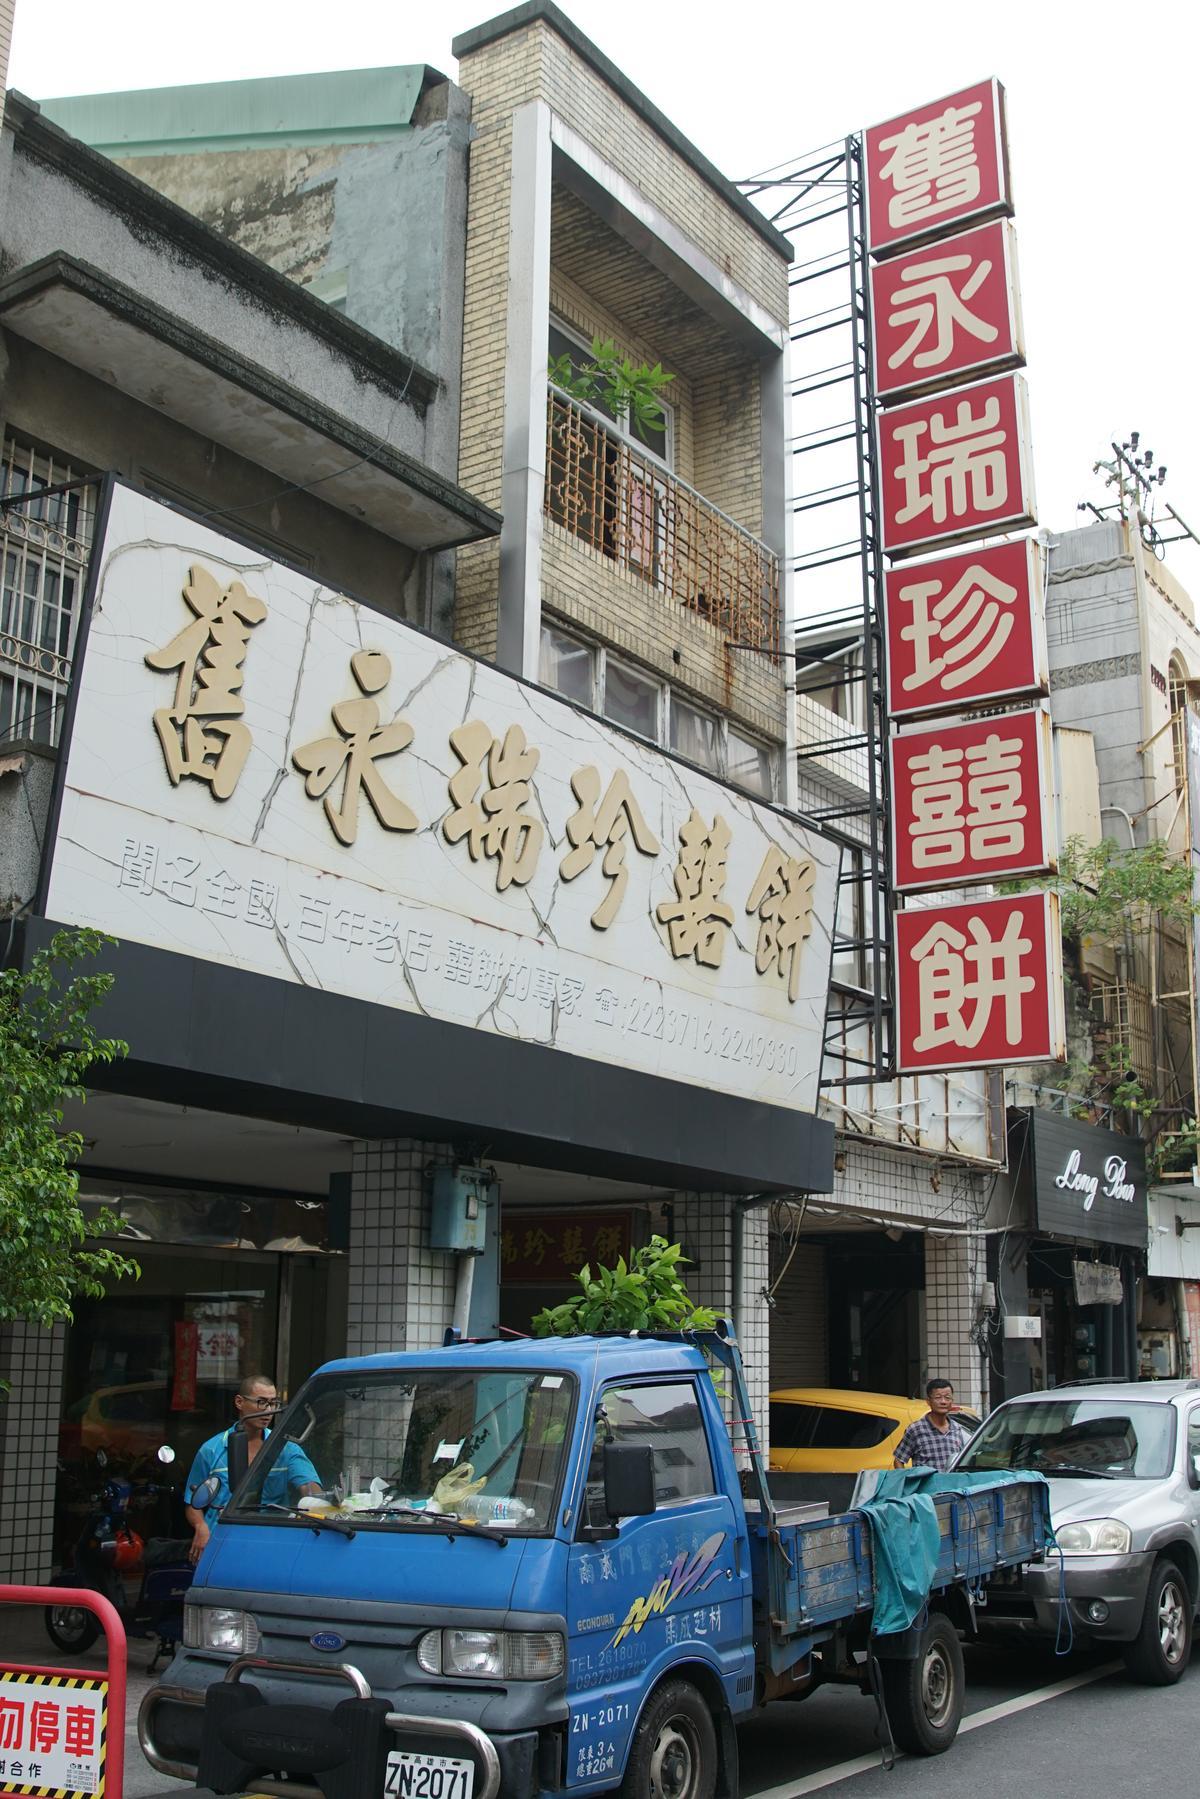 舊永瑞珍看似素樸 ,卻是見過世面的老餅店,二戰之後台南大財主侯雨利在這裡指定做出豪氣的大餅,讓他風光嫁女兒。